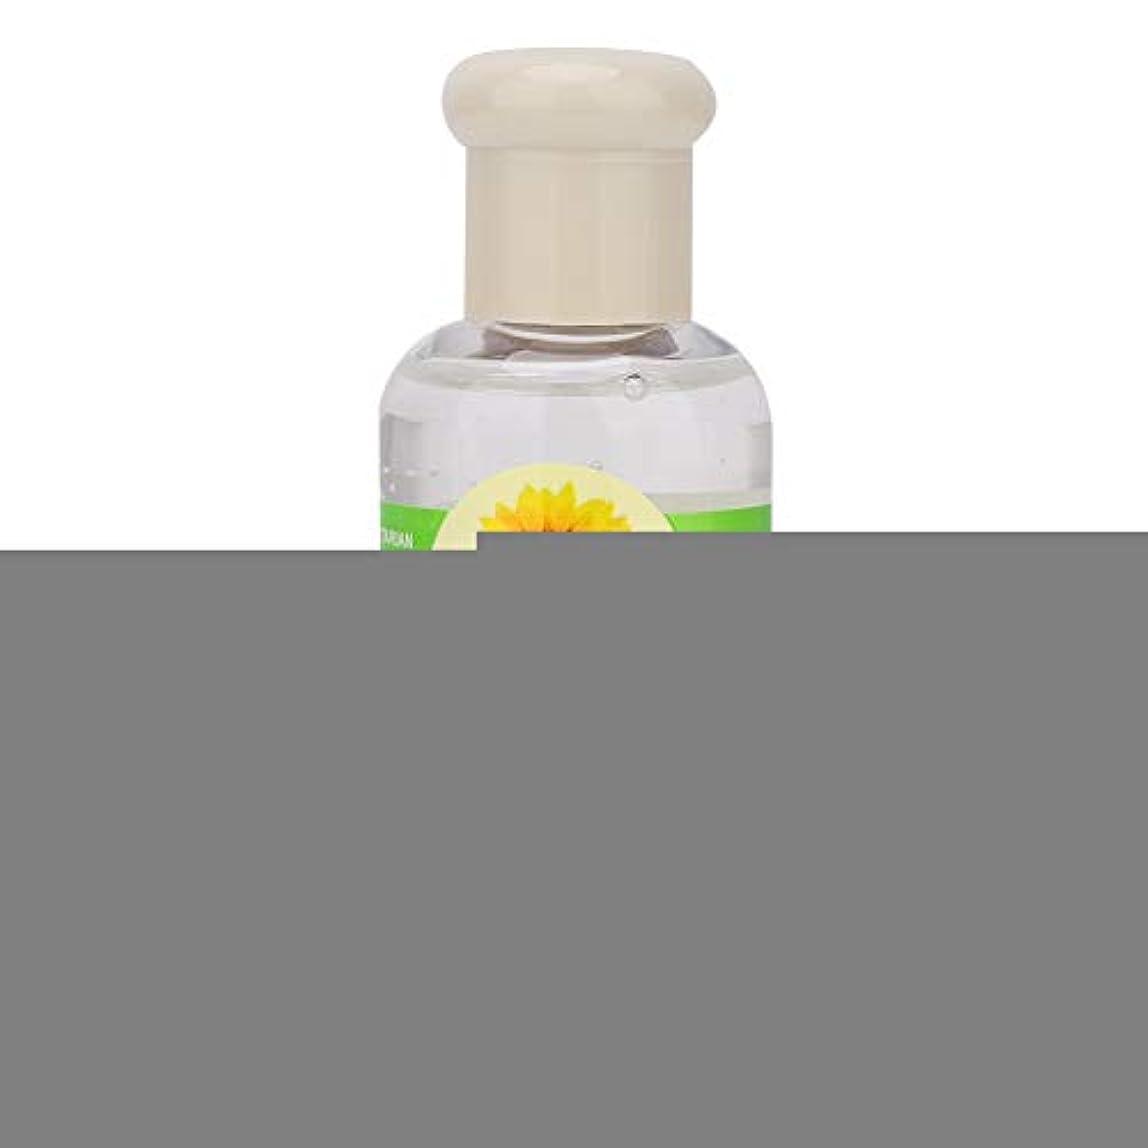 変更可能推定絞るフェイスオイル、保湿オイルを白くするビタミンE